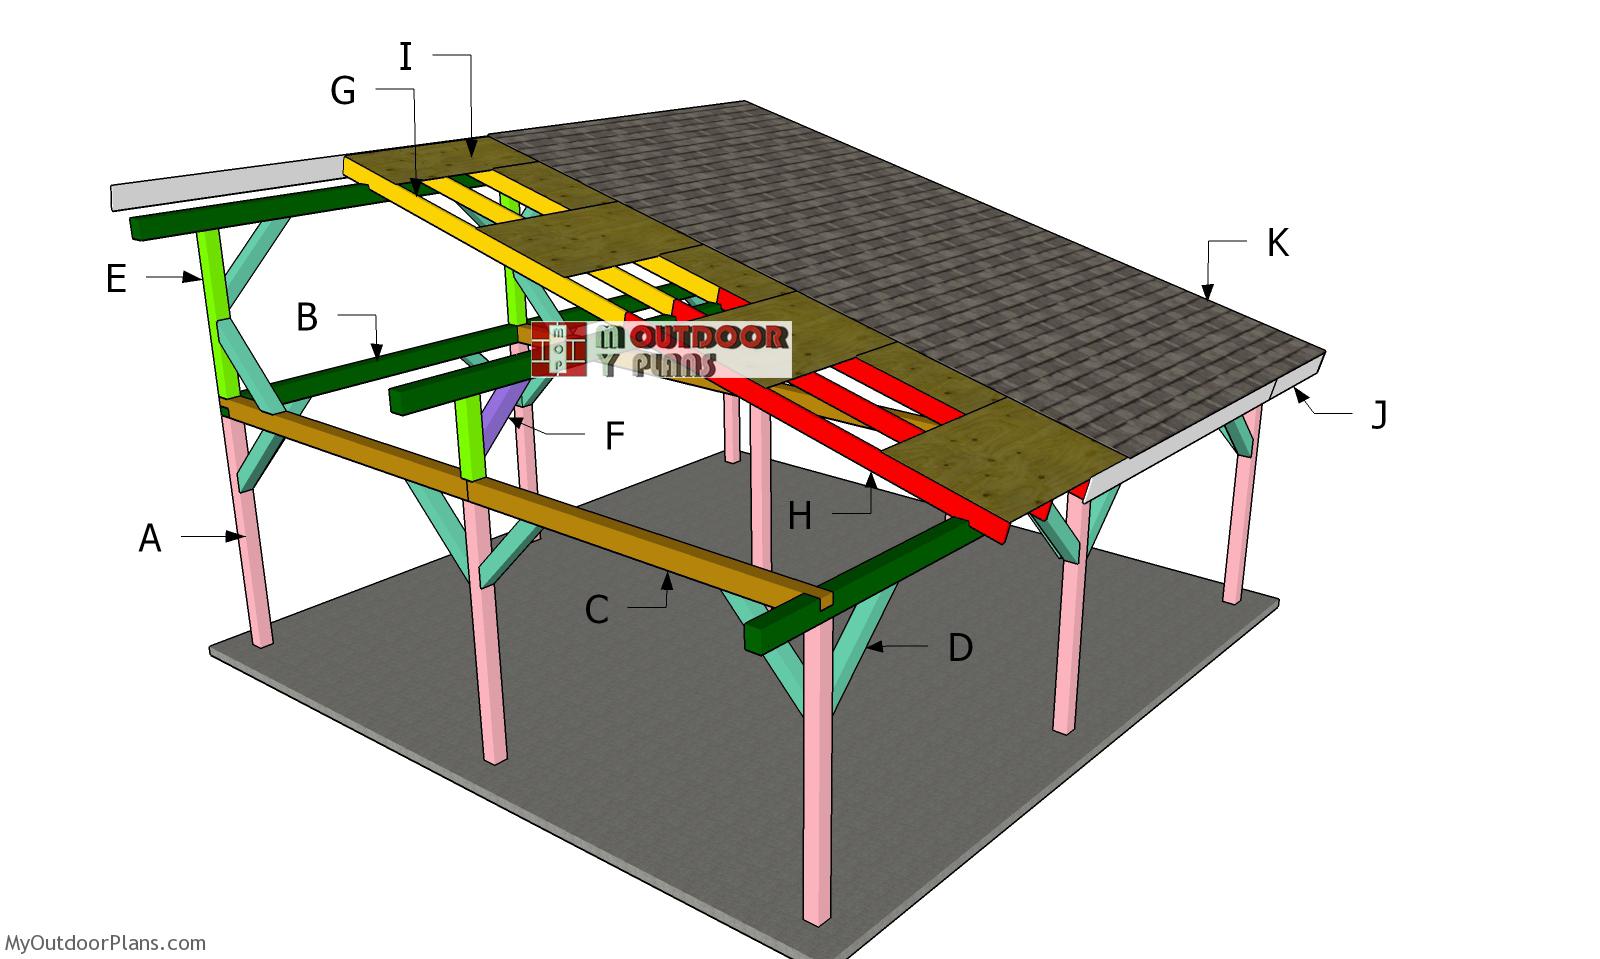 24x24 Lean to Pavilion Roof Plans